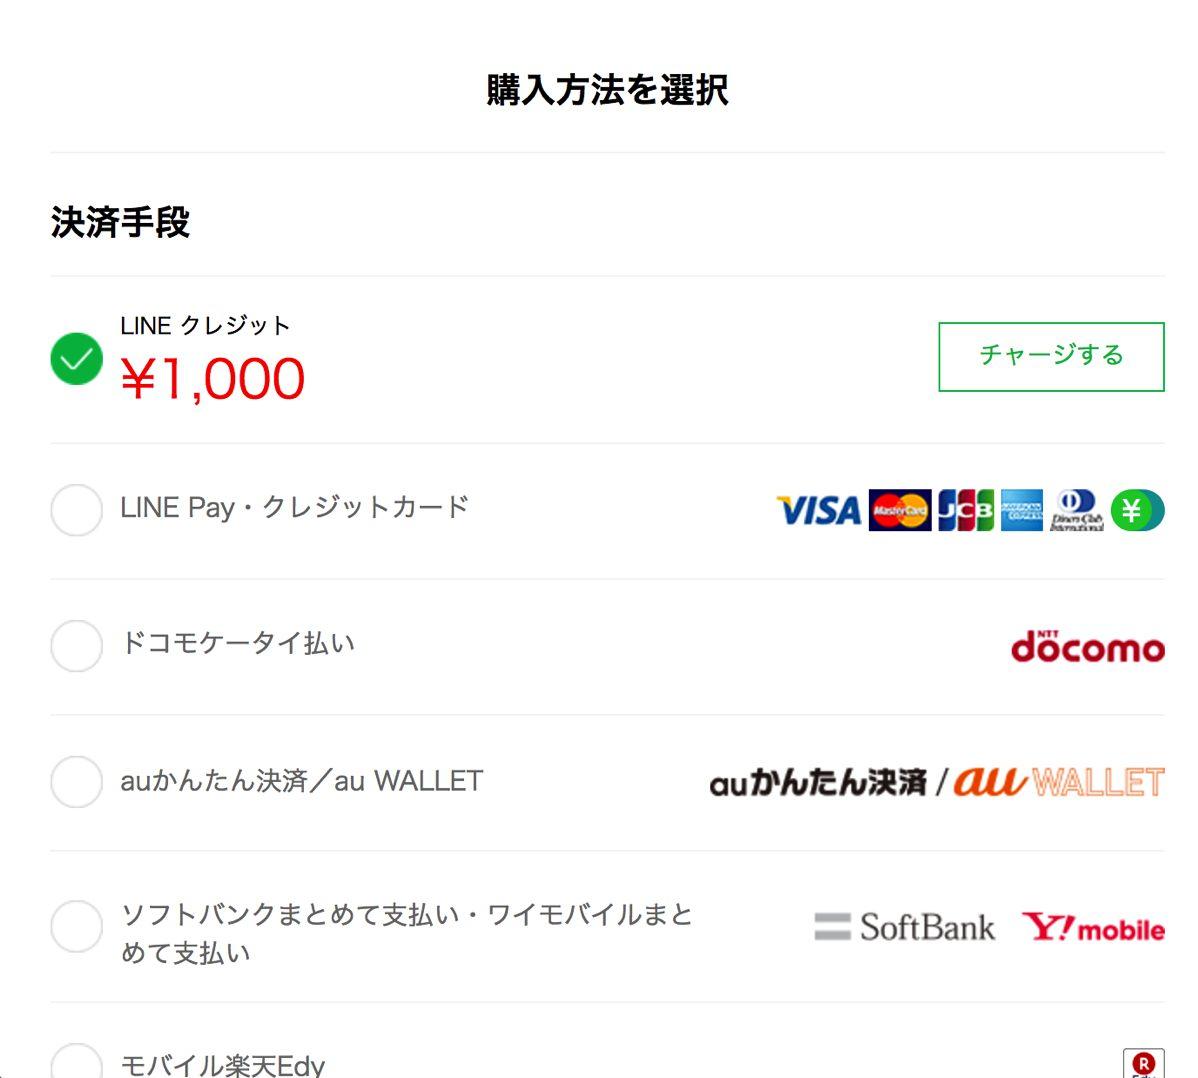 Line store10 ak up com